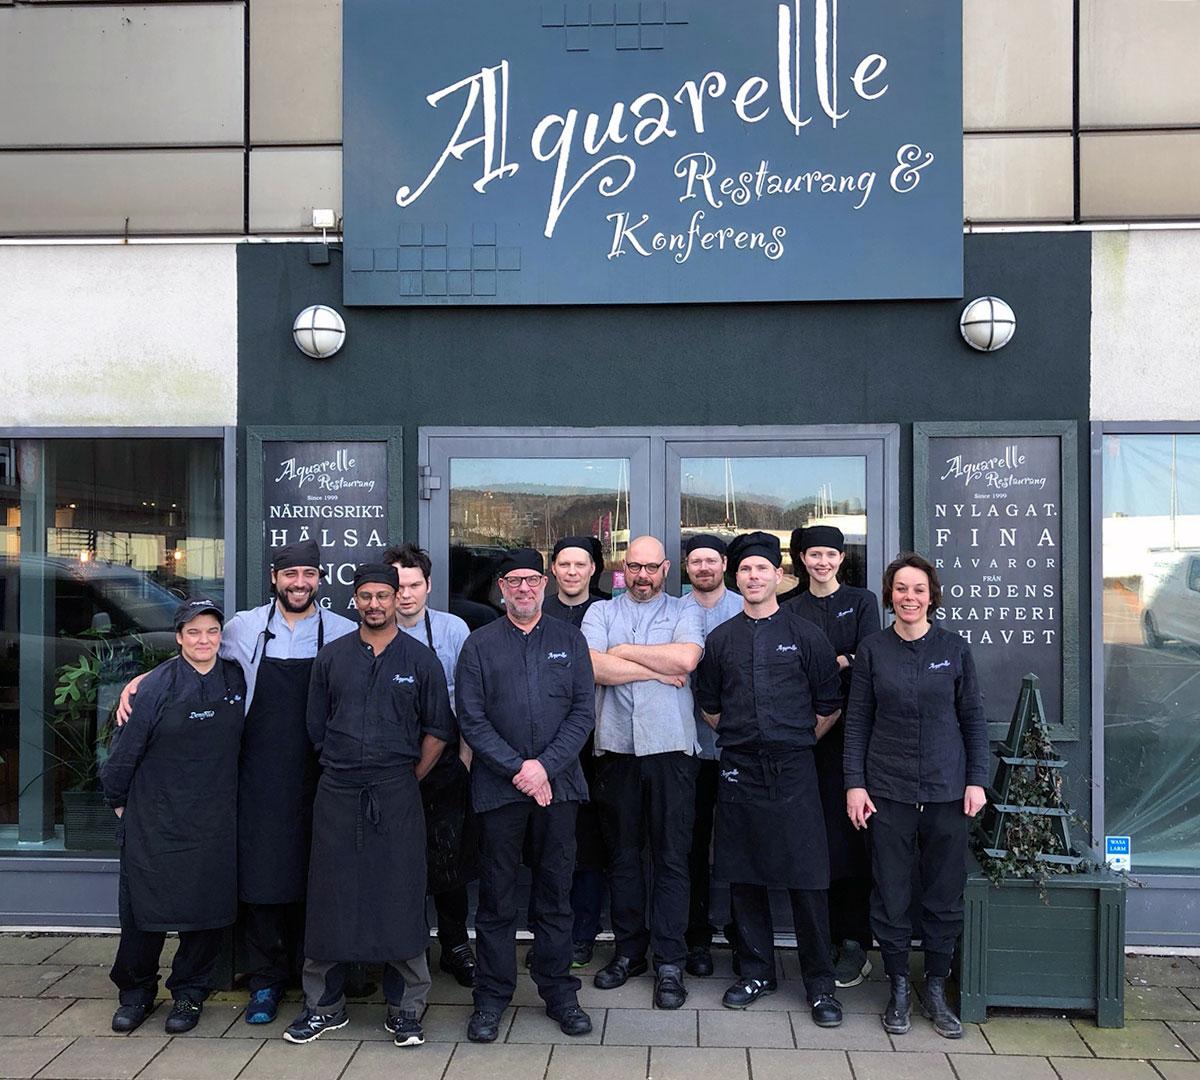 Team Aquarelle